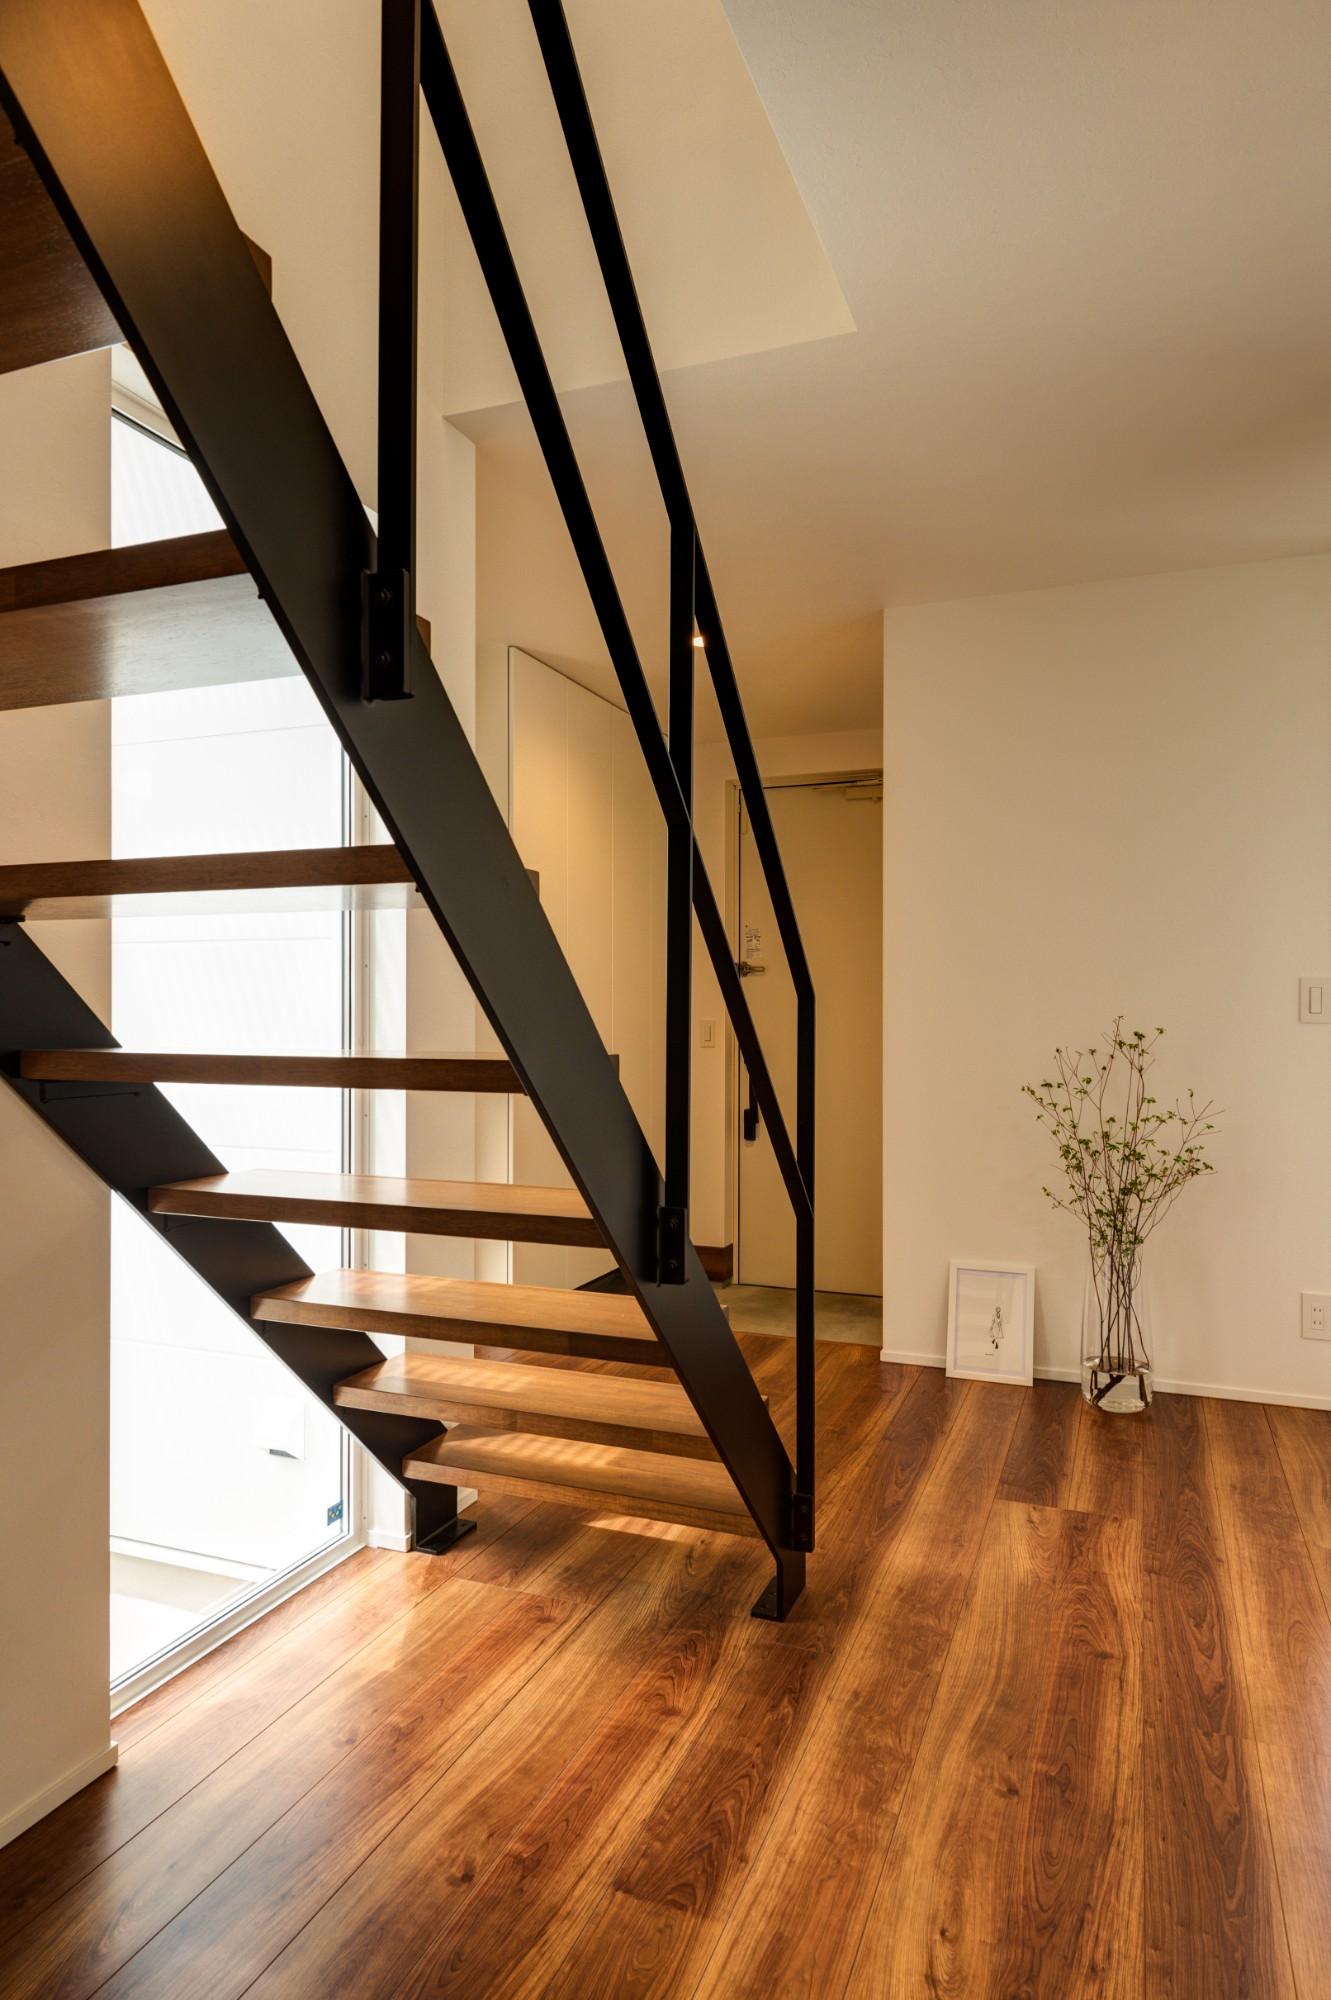 フクダハウジング株式会社「「白×木×緑」で彩ったシンプルな家」のシンプル・ナチュラルな階段の実例写真